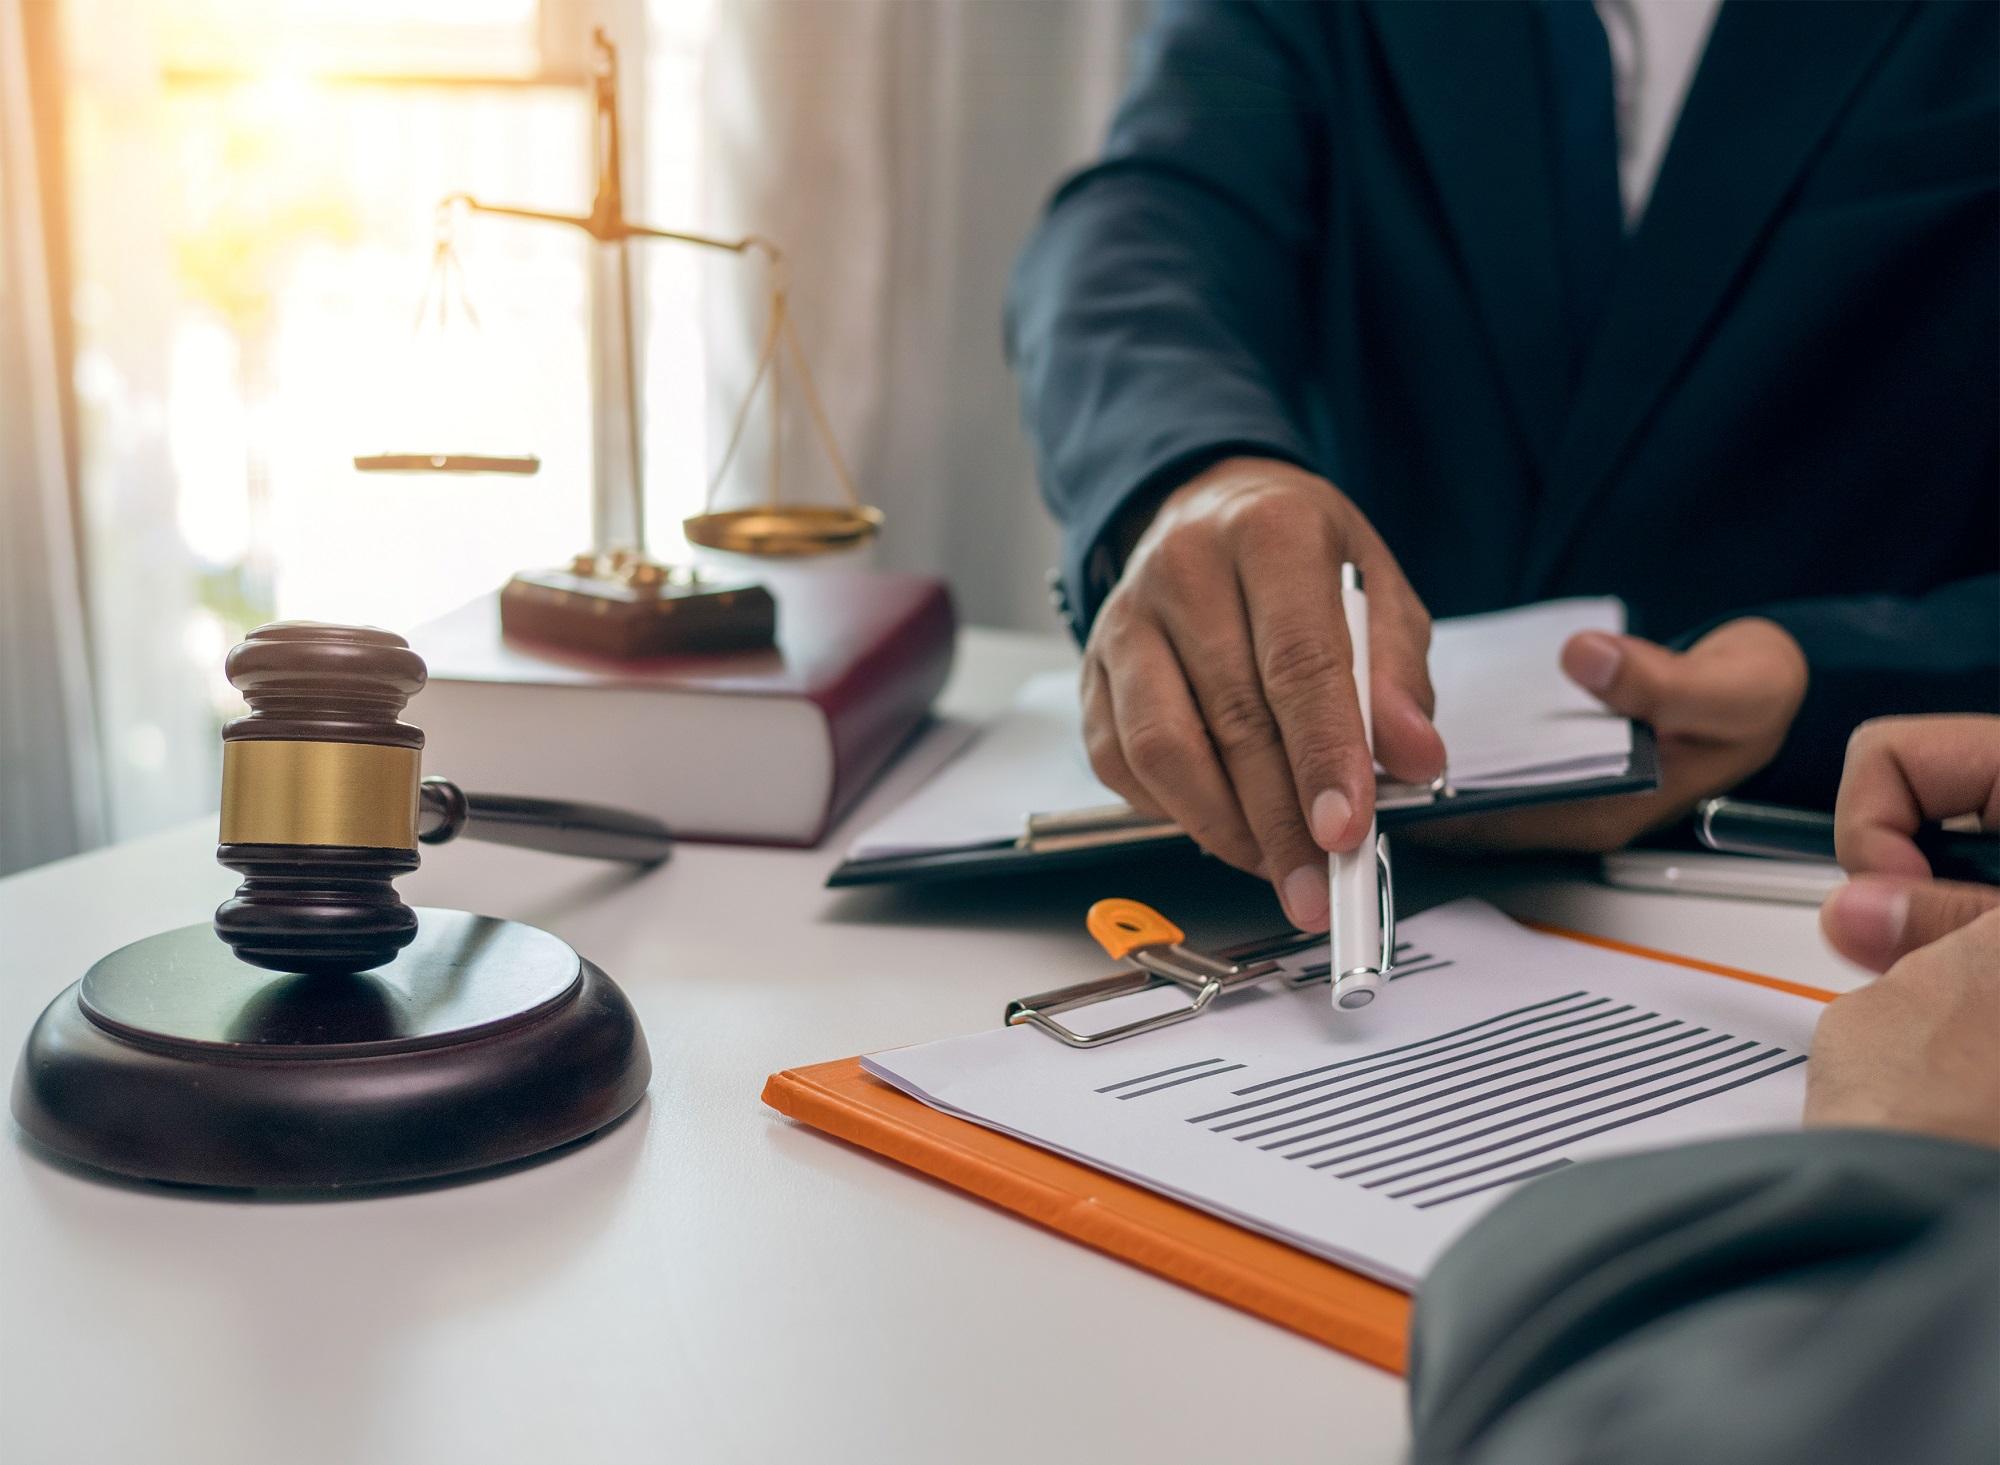 Chcete prodat nemovitost? Nejprve prověřte její právní stav, odhalte právní vady!